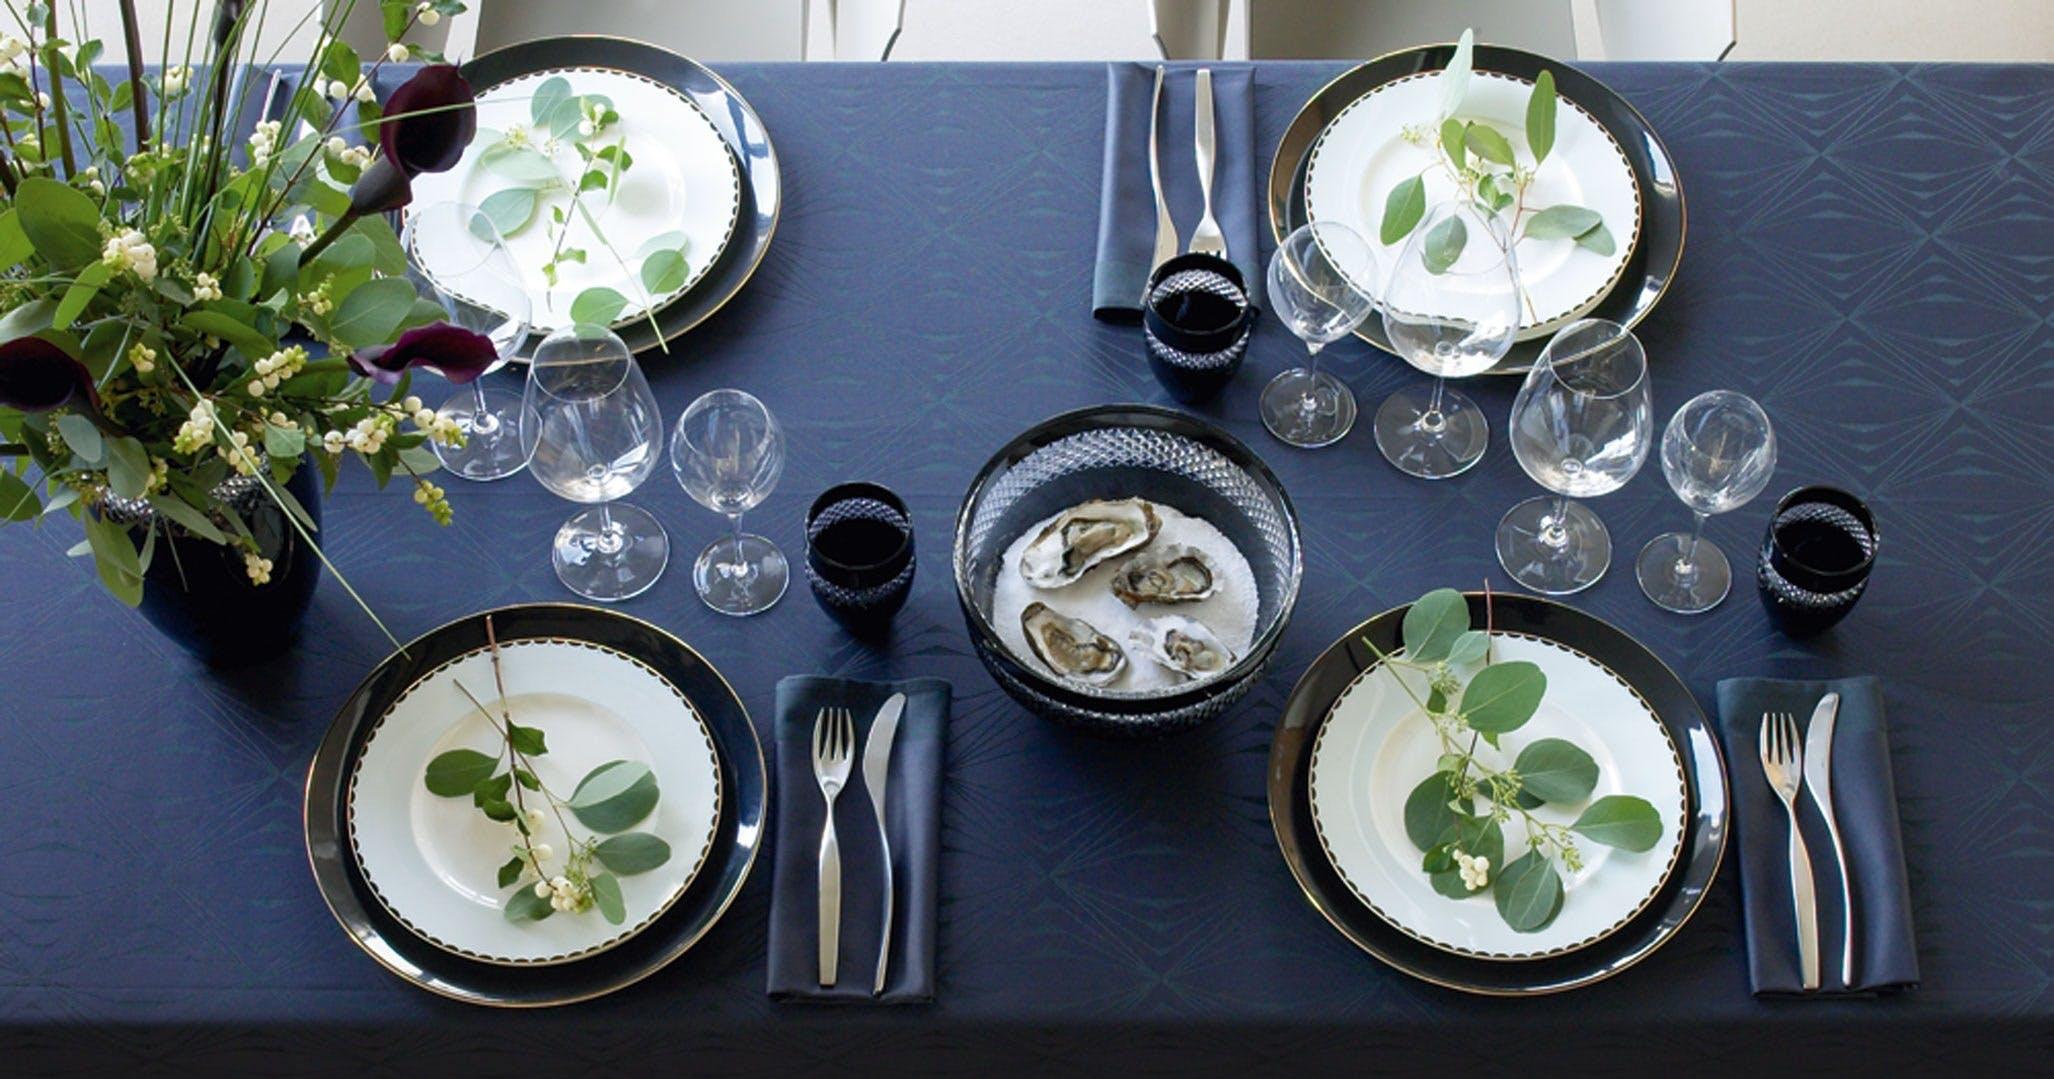 nytår borddækning nytårsaften blå dug blomster